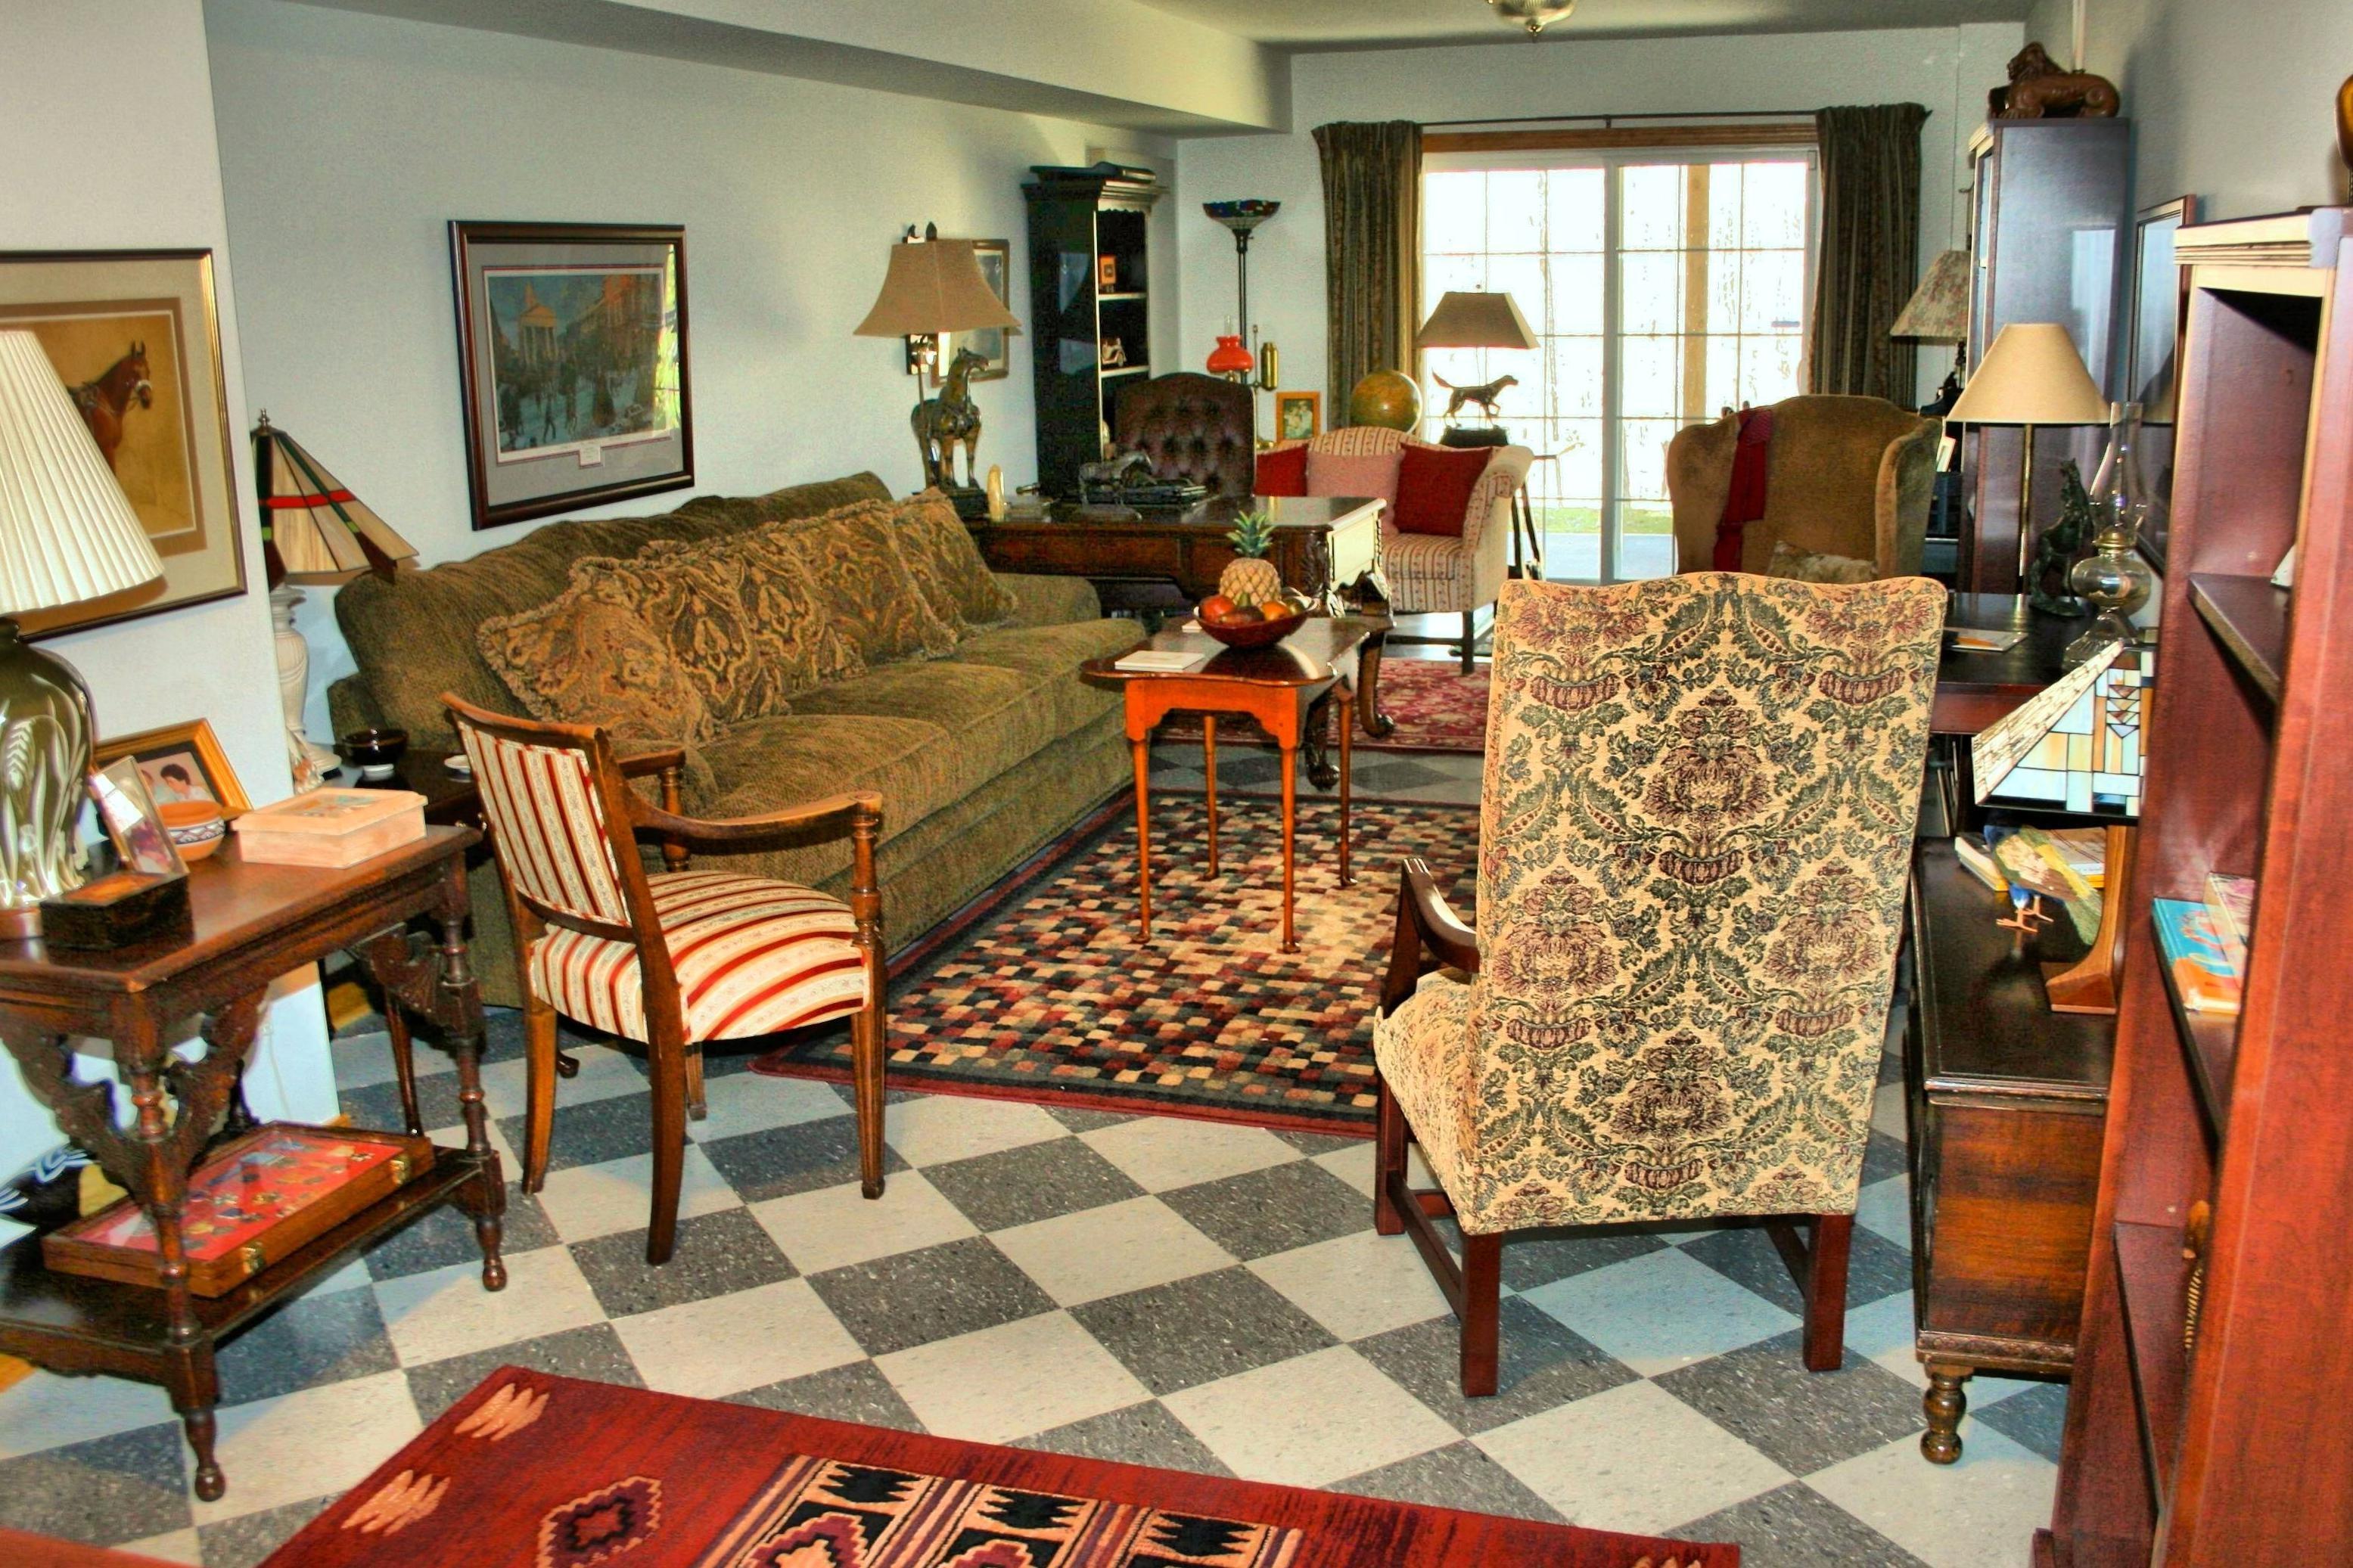 Kostenlose Bild: Möbel, Raum, Tisch, Stuhl, Hause, Innenaufnahme ...